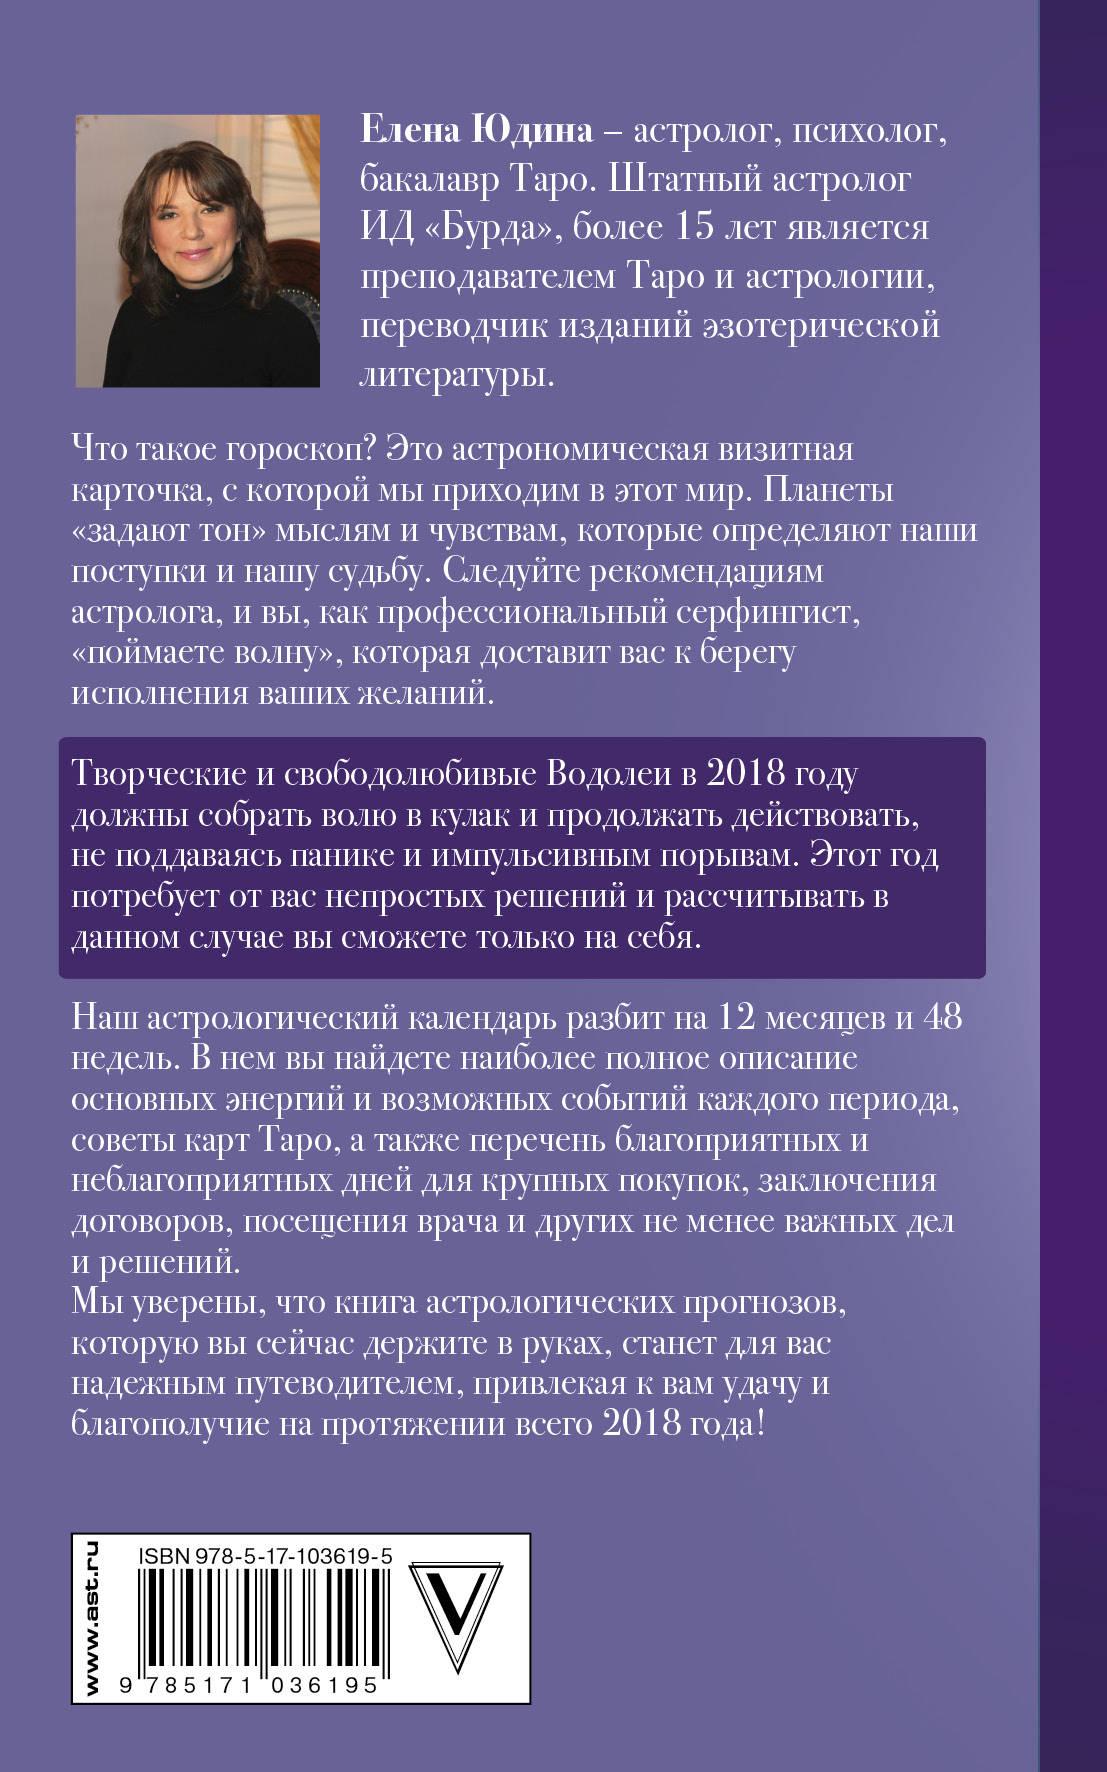 Гороскоп на июнь 2018 Водолей должен серьезно отнестись к расходам